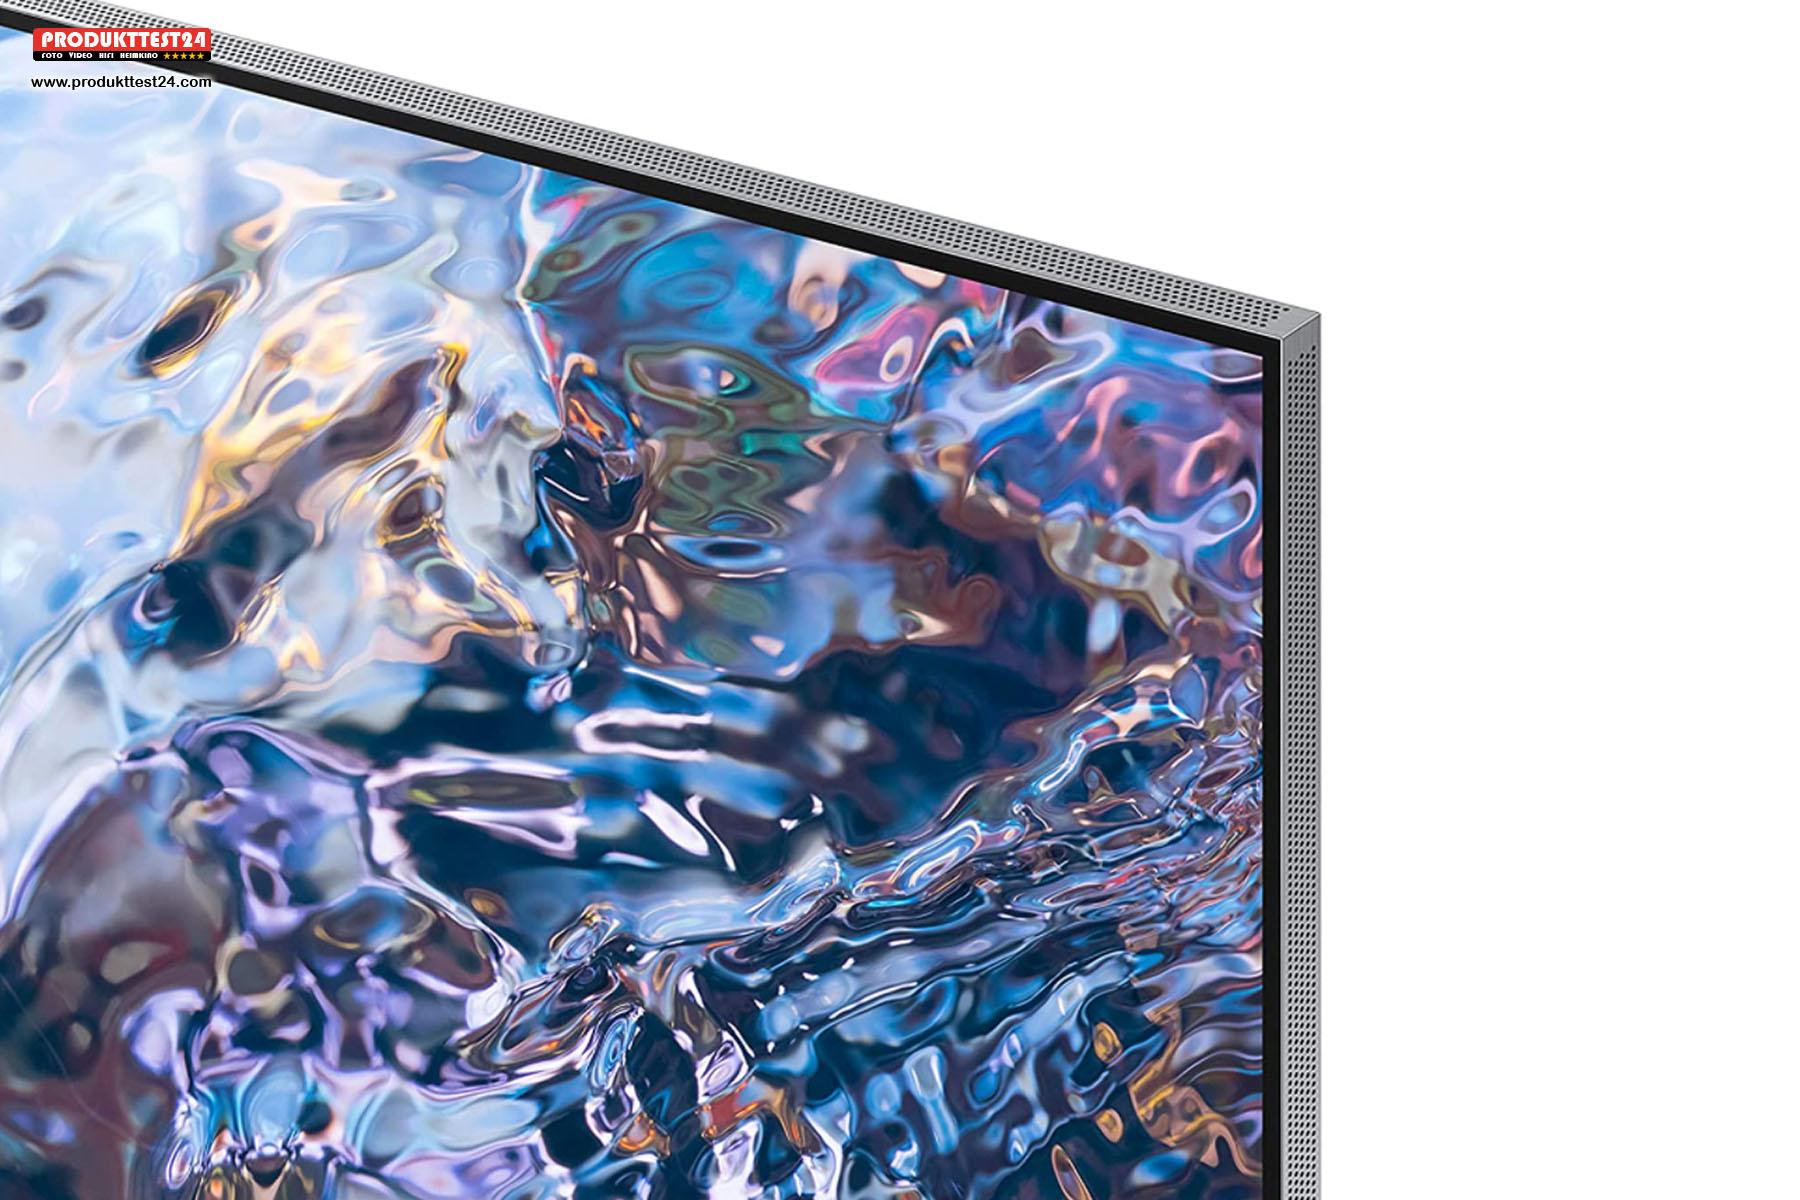 Der Samsung GQ55QN700A ist nur 1,8 cm dünn und besitzt einen schicken Metallrahmen